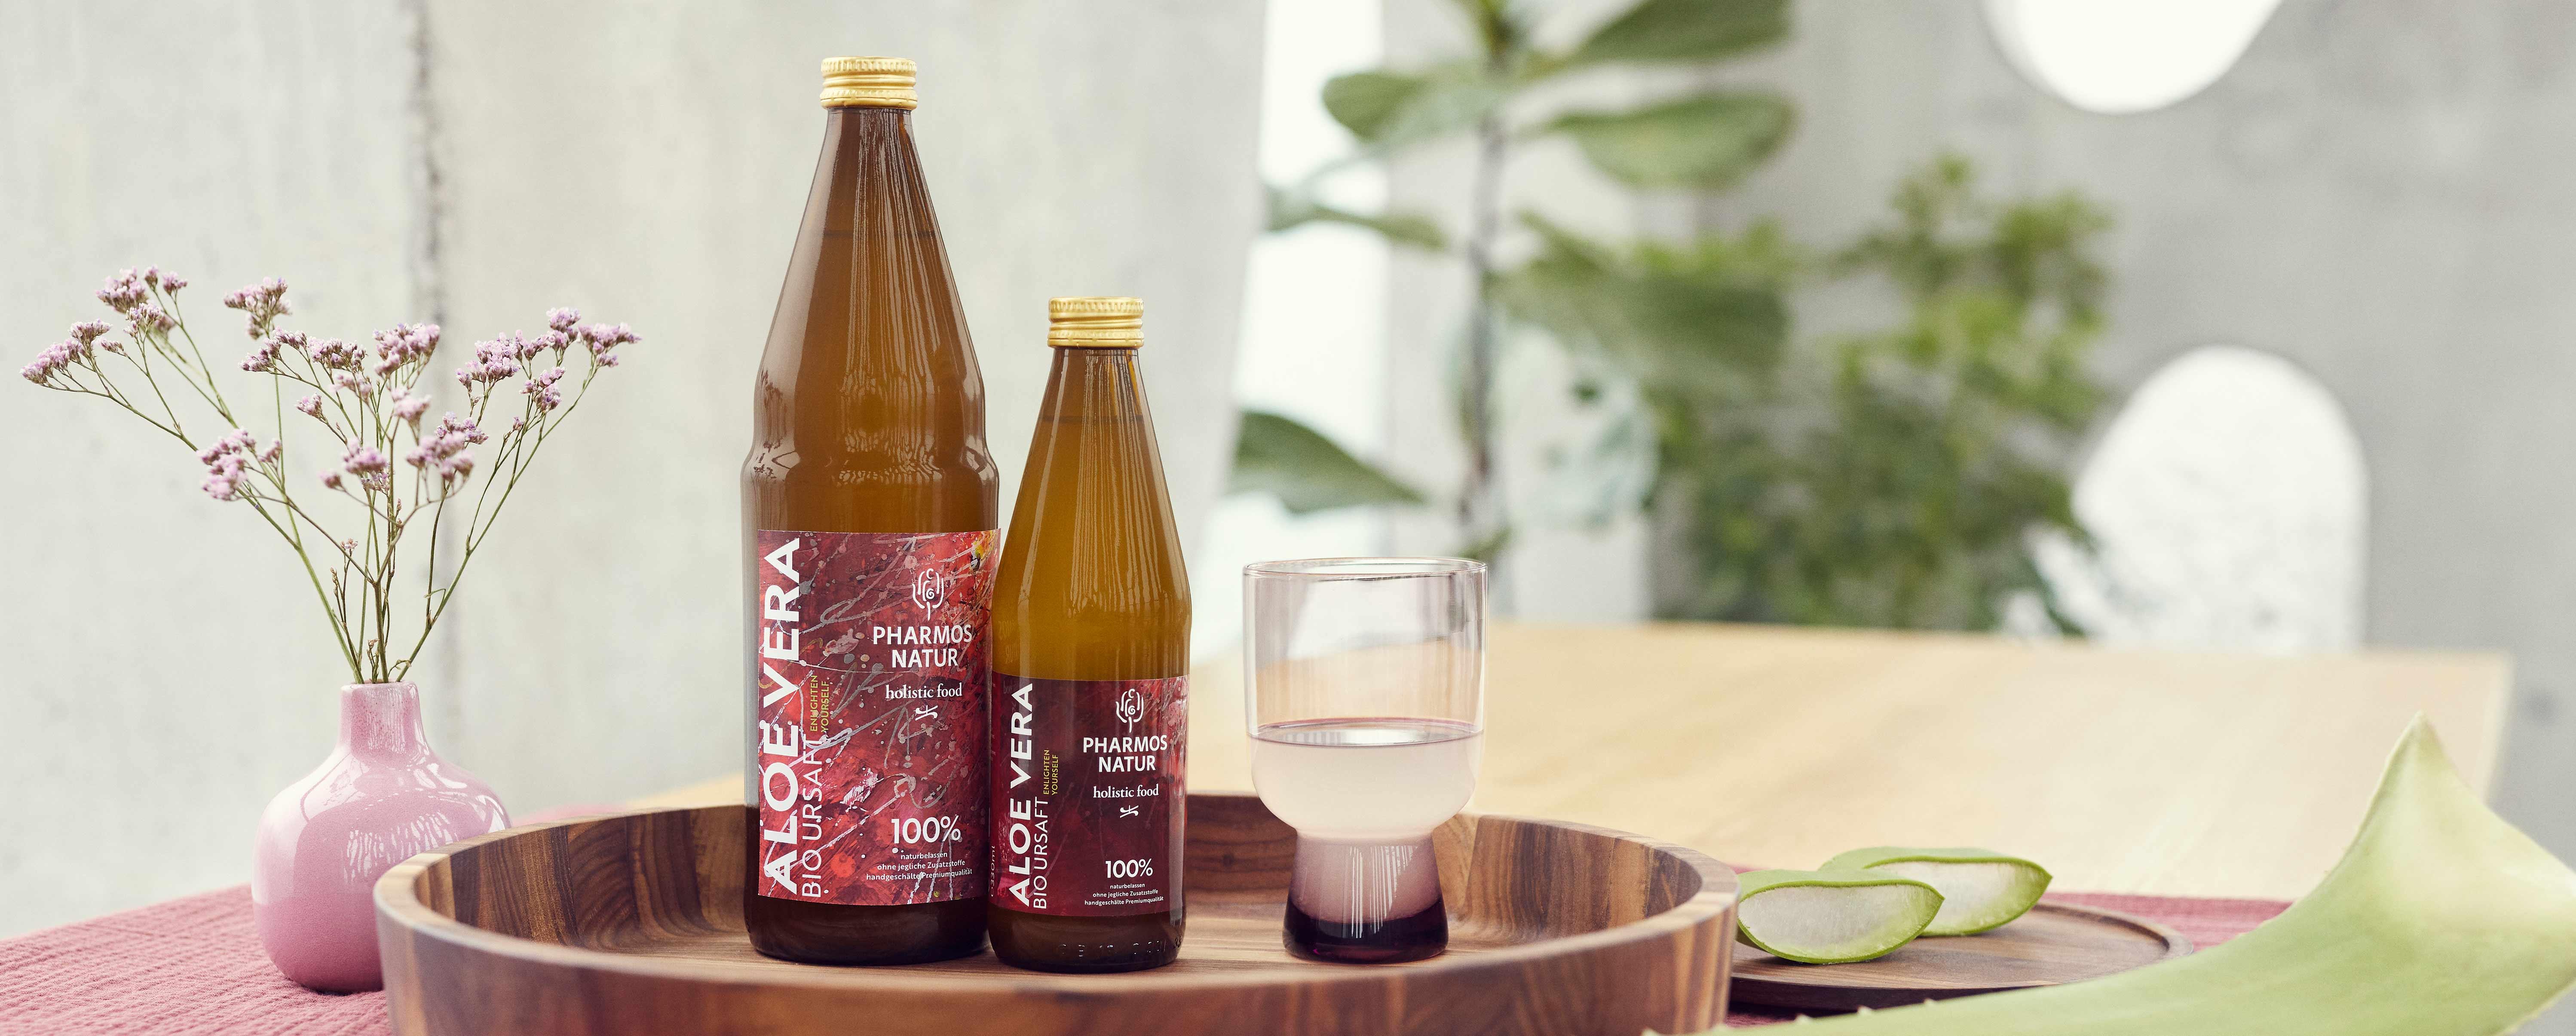 Große und kleine Flasche Aloe Vera Bio Ursaft auf einem Holztablett mit Pflanzen im Hintergrund